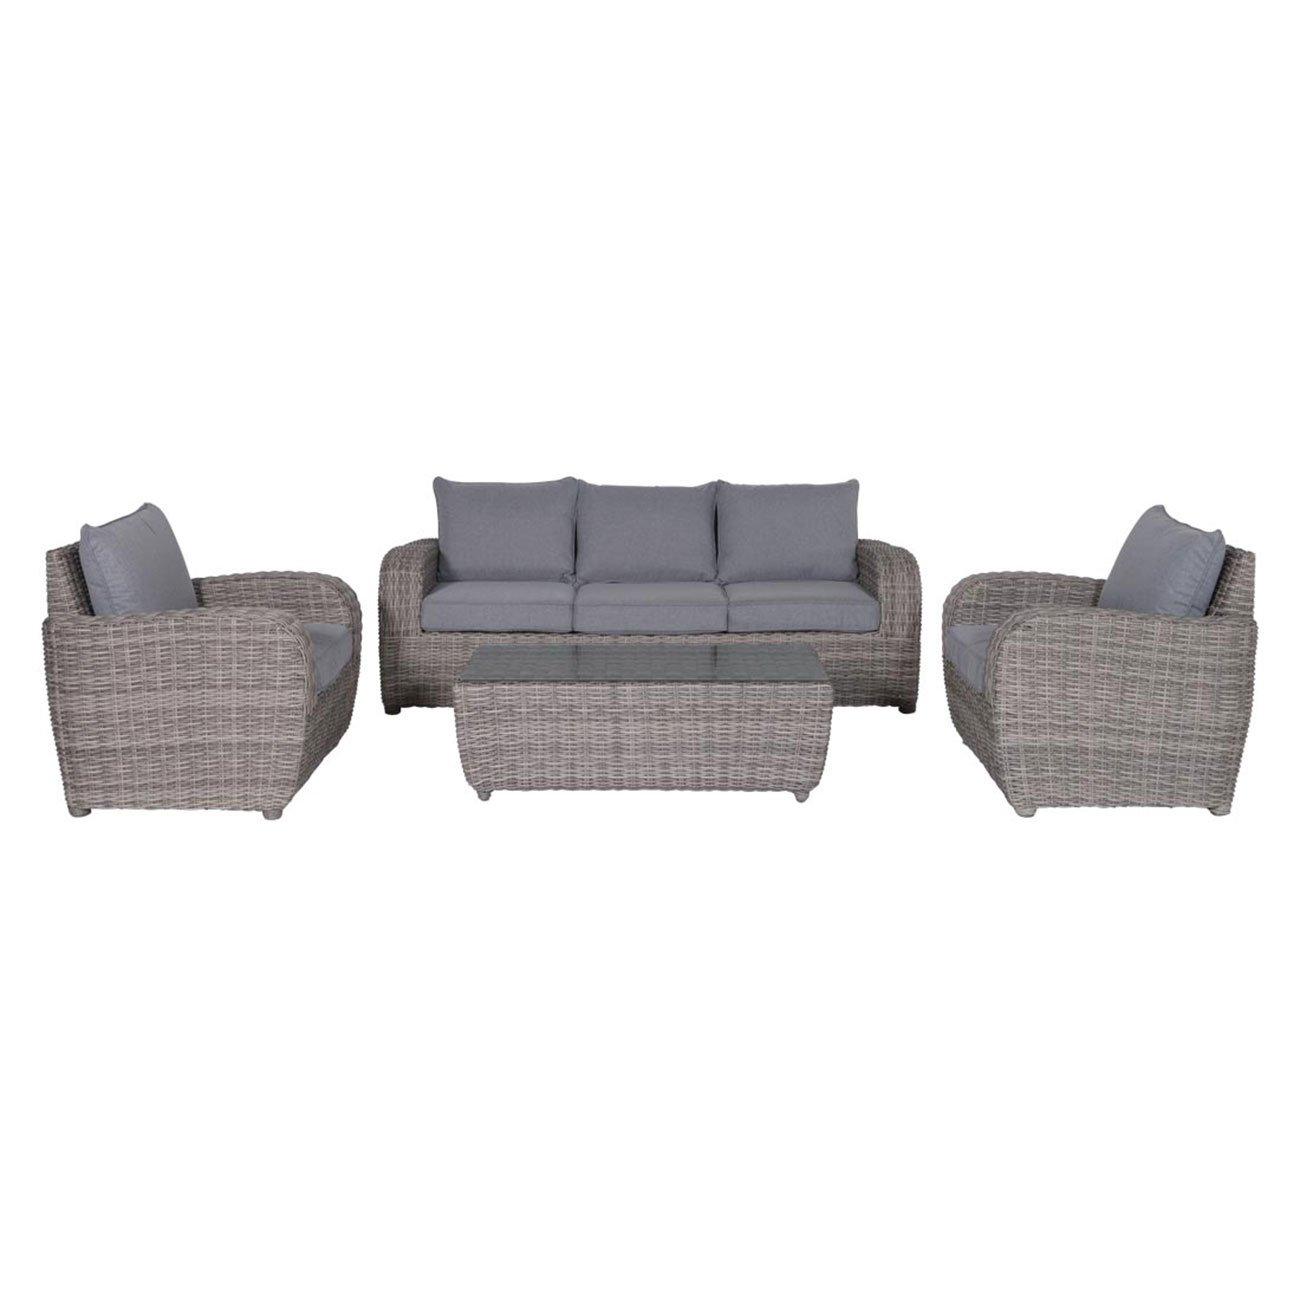 Gartenlounge OUTLIV. Buffalo Loungeset 4-teilig Geflecht Organic-Grey/Anthrazit Sitzbank Garten